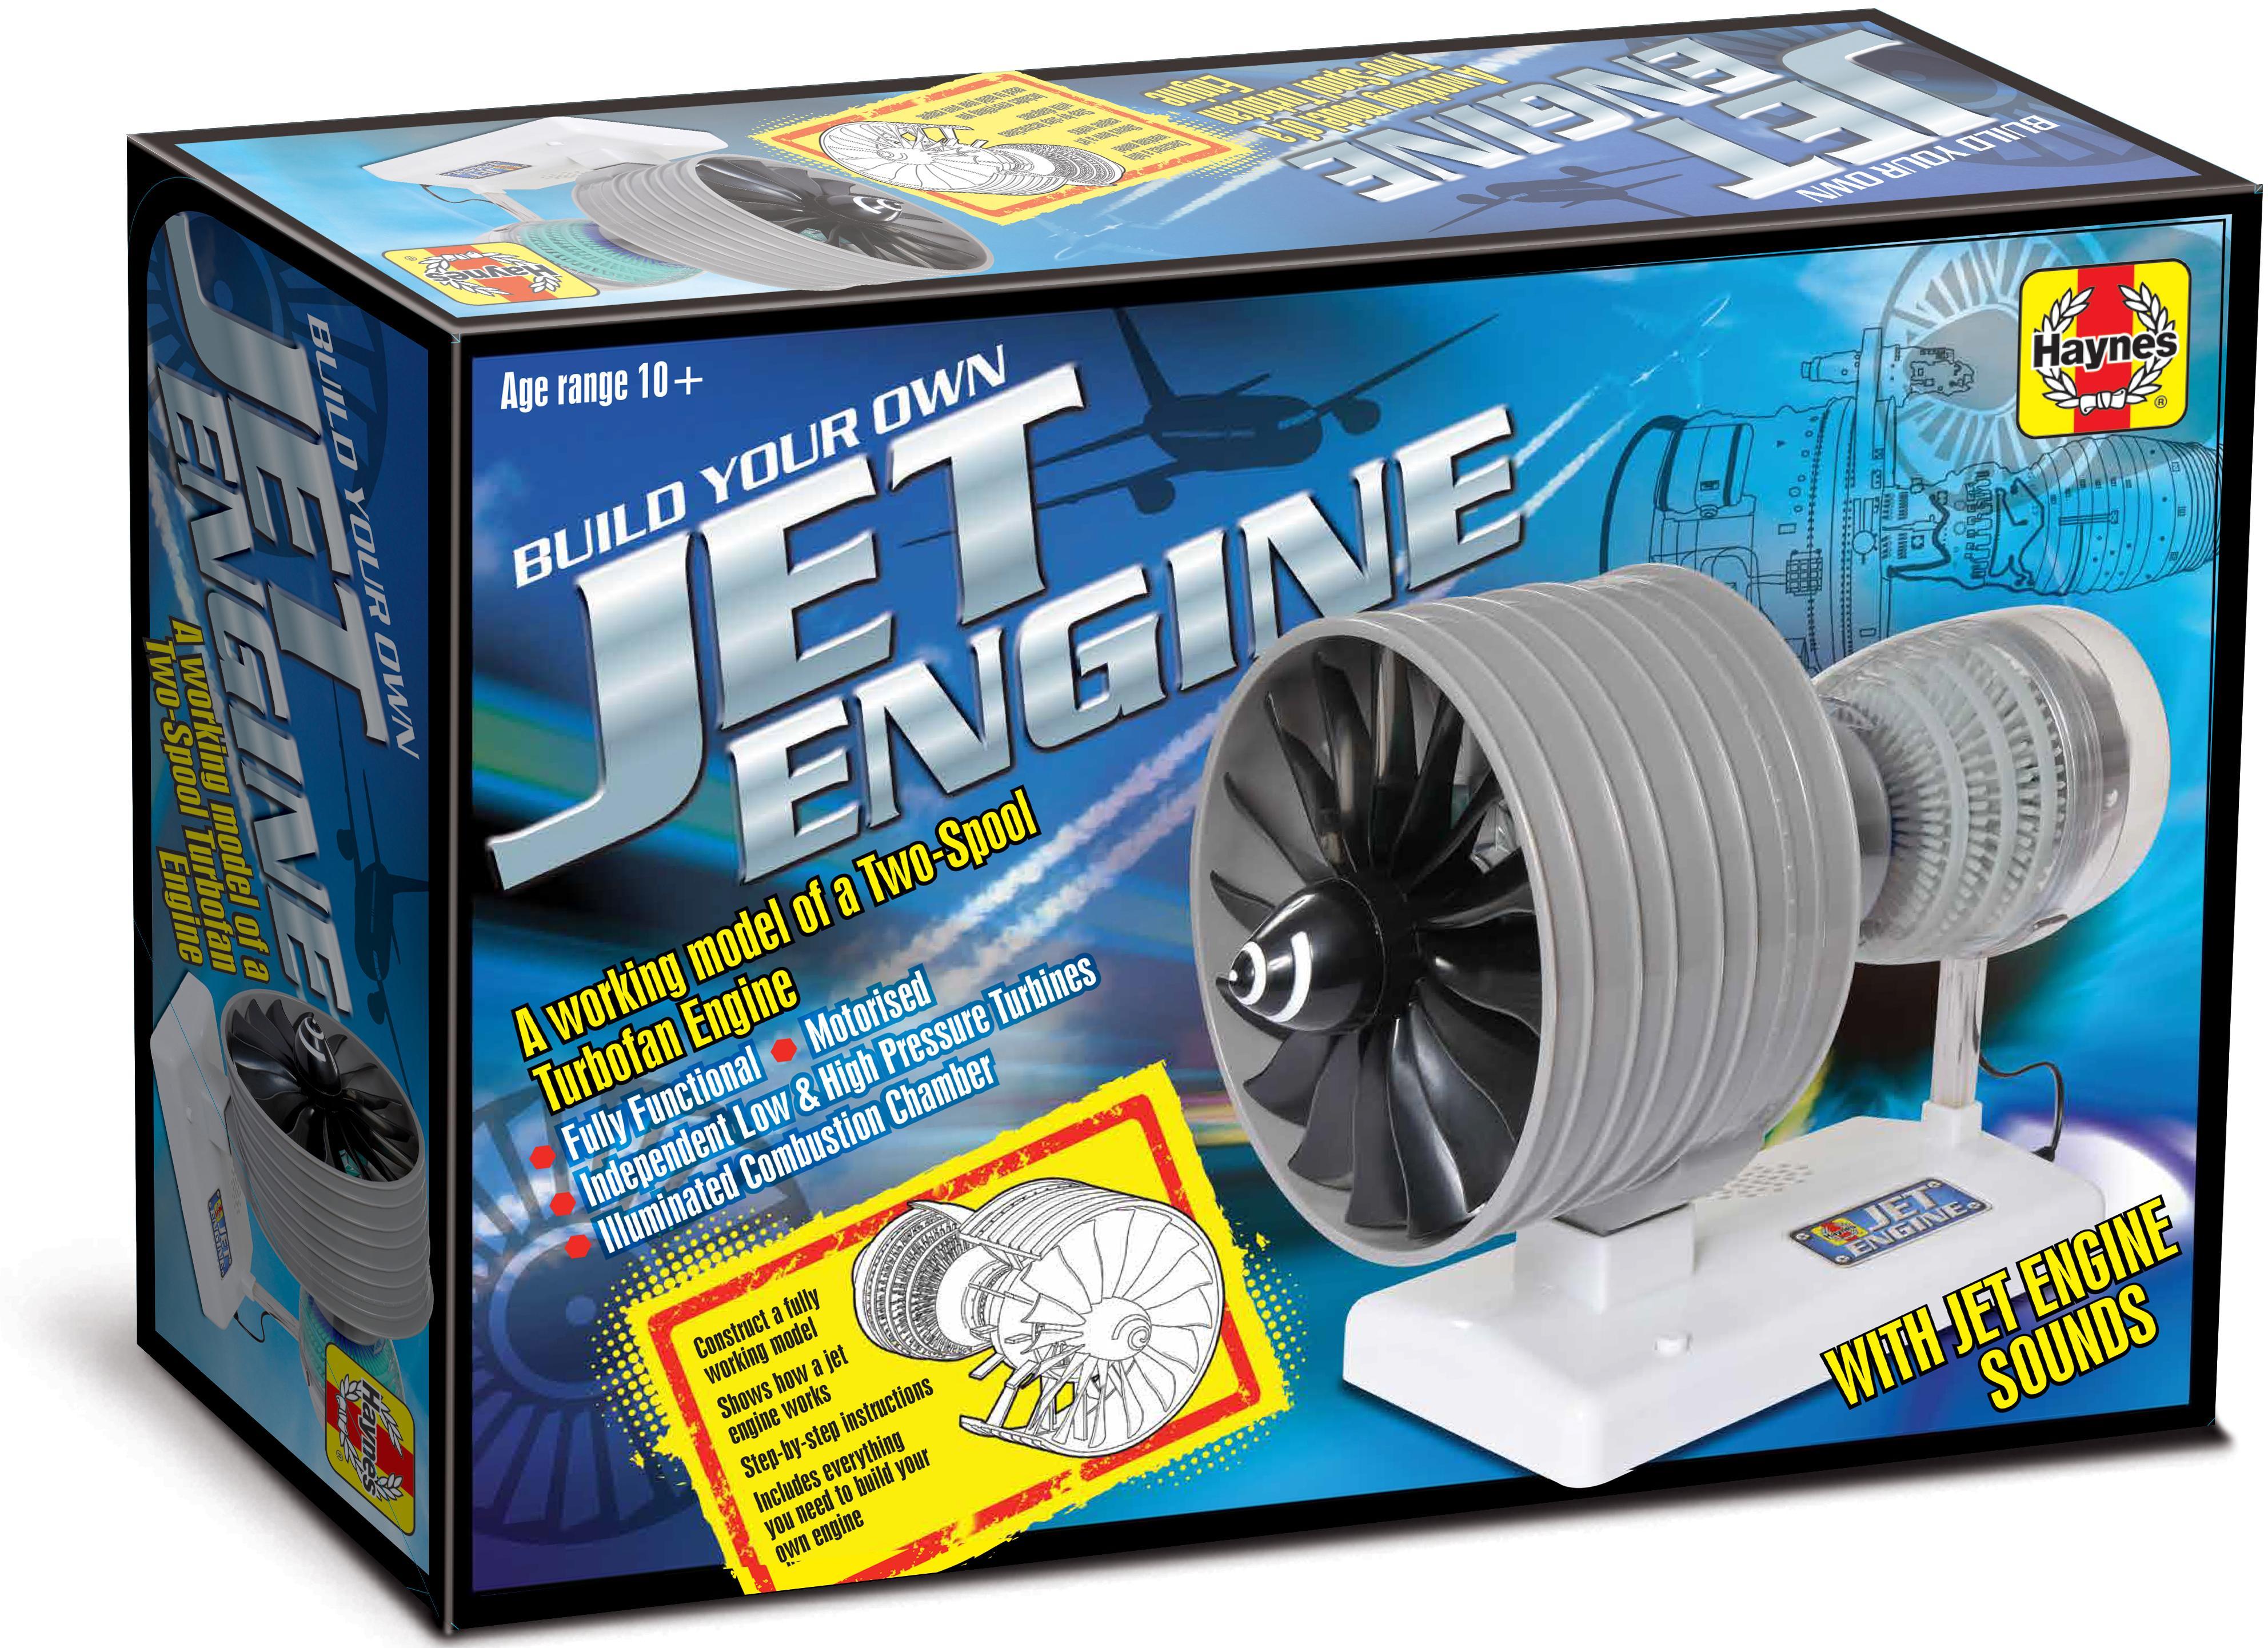 Haynes Jet Engine Motorised Low High Pressure Turbines Fully